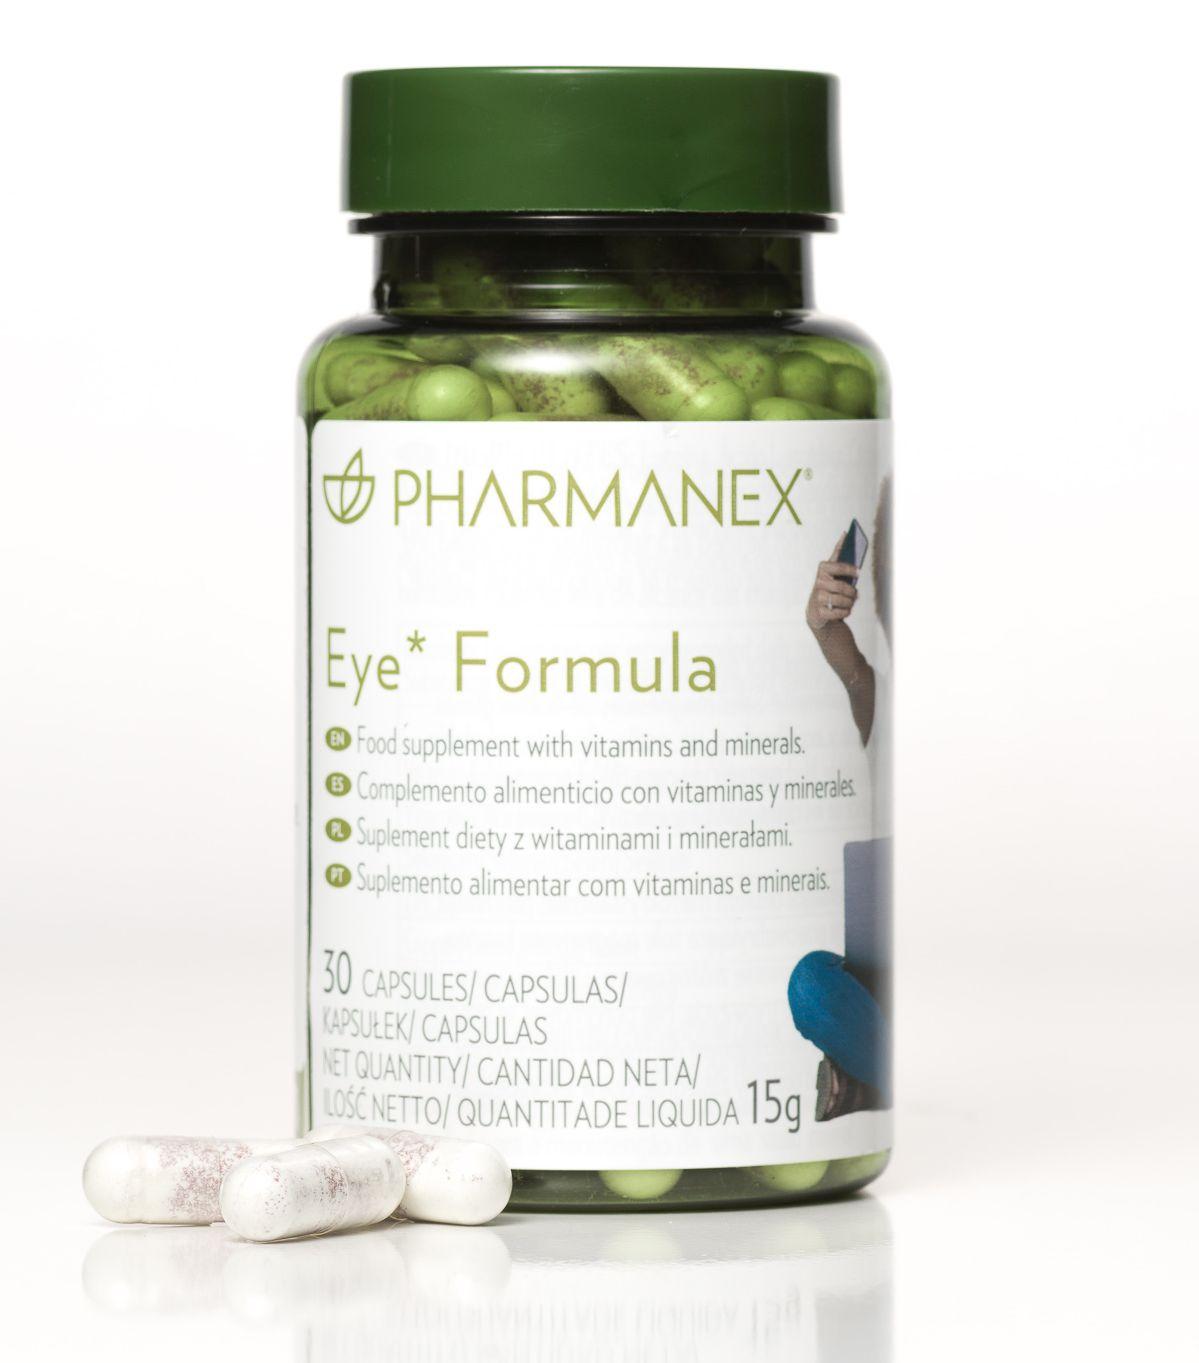 pharmanex, eye, eye formula, látás, szemvitamin, szemvédő, vitamin, táplálékkiegészítő, rúzs és más, cink, antioxidáns, lutein